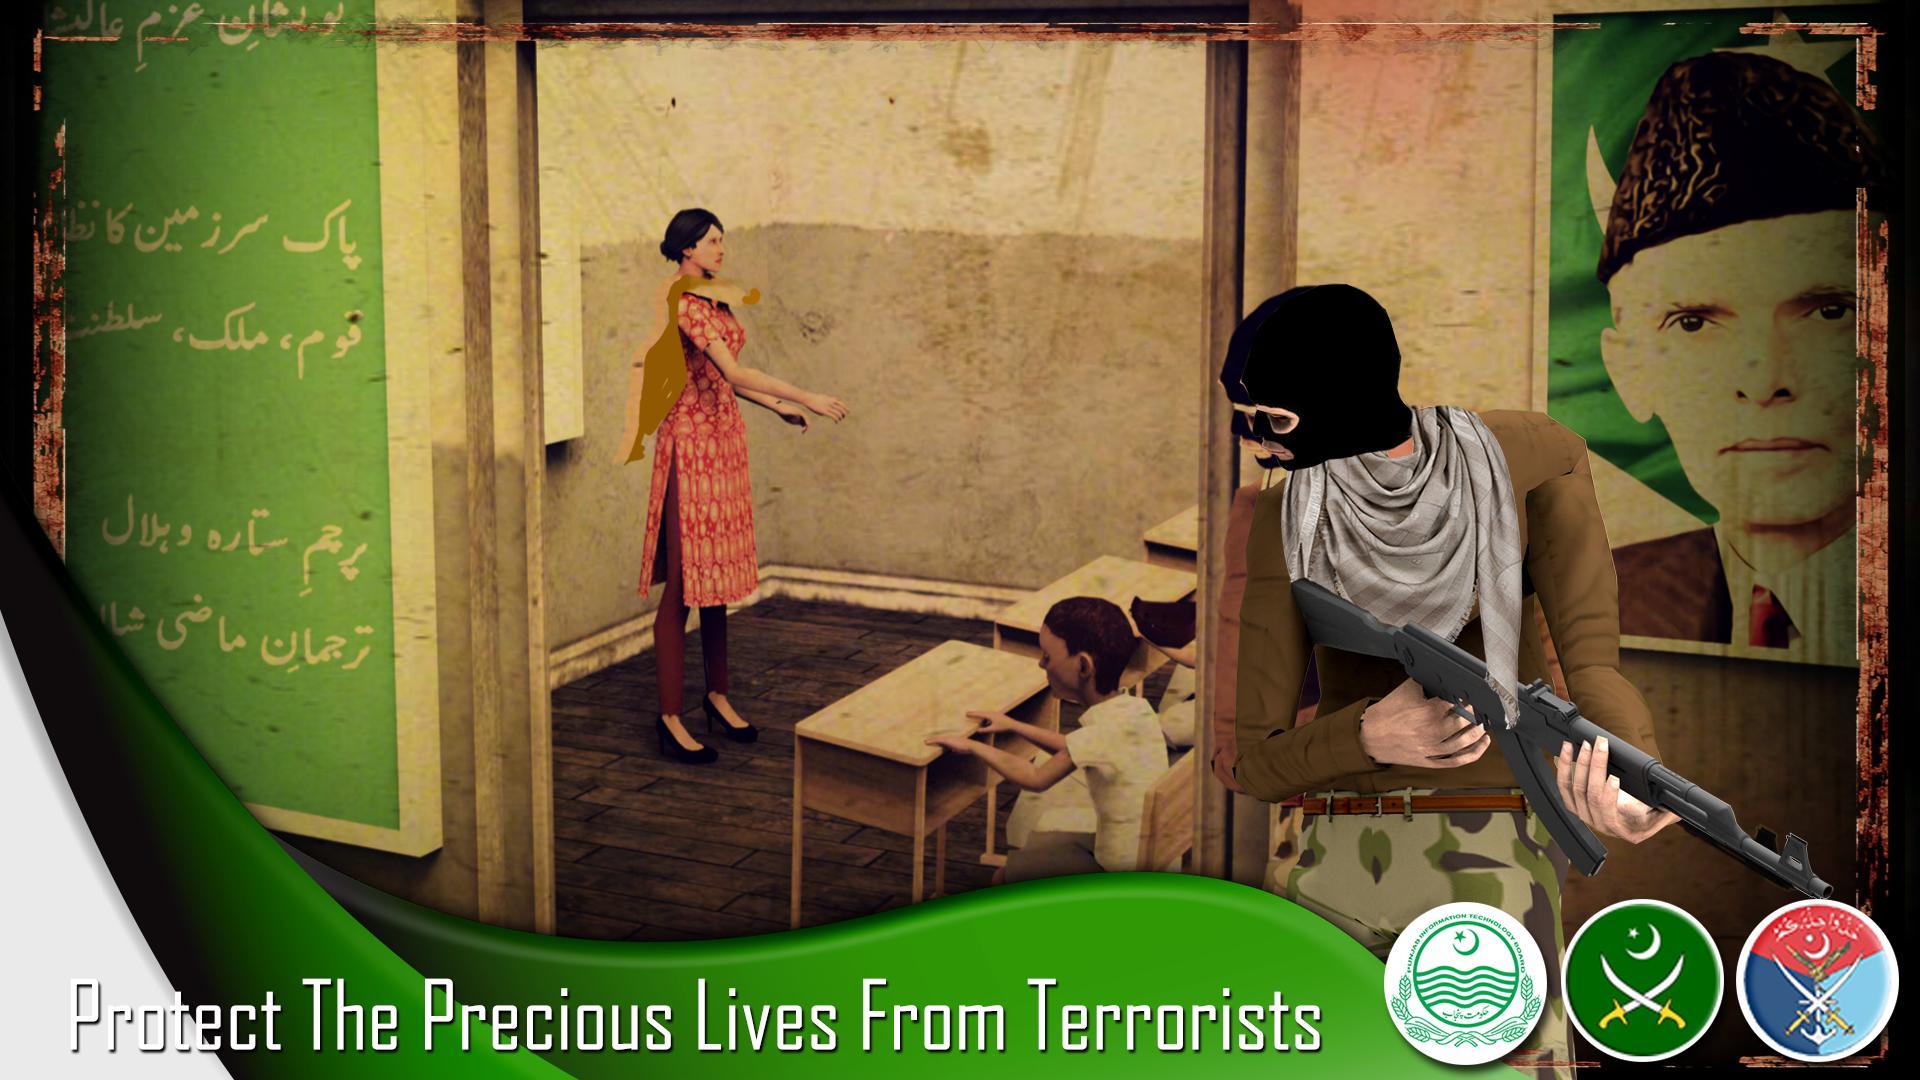 gry, ktore nie powinny powstac - pakistan army retribution